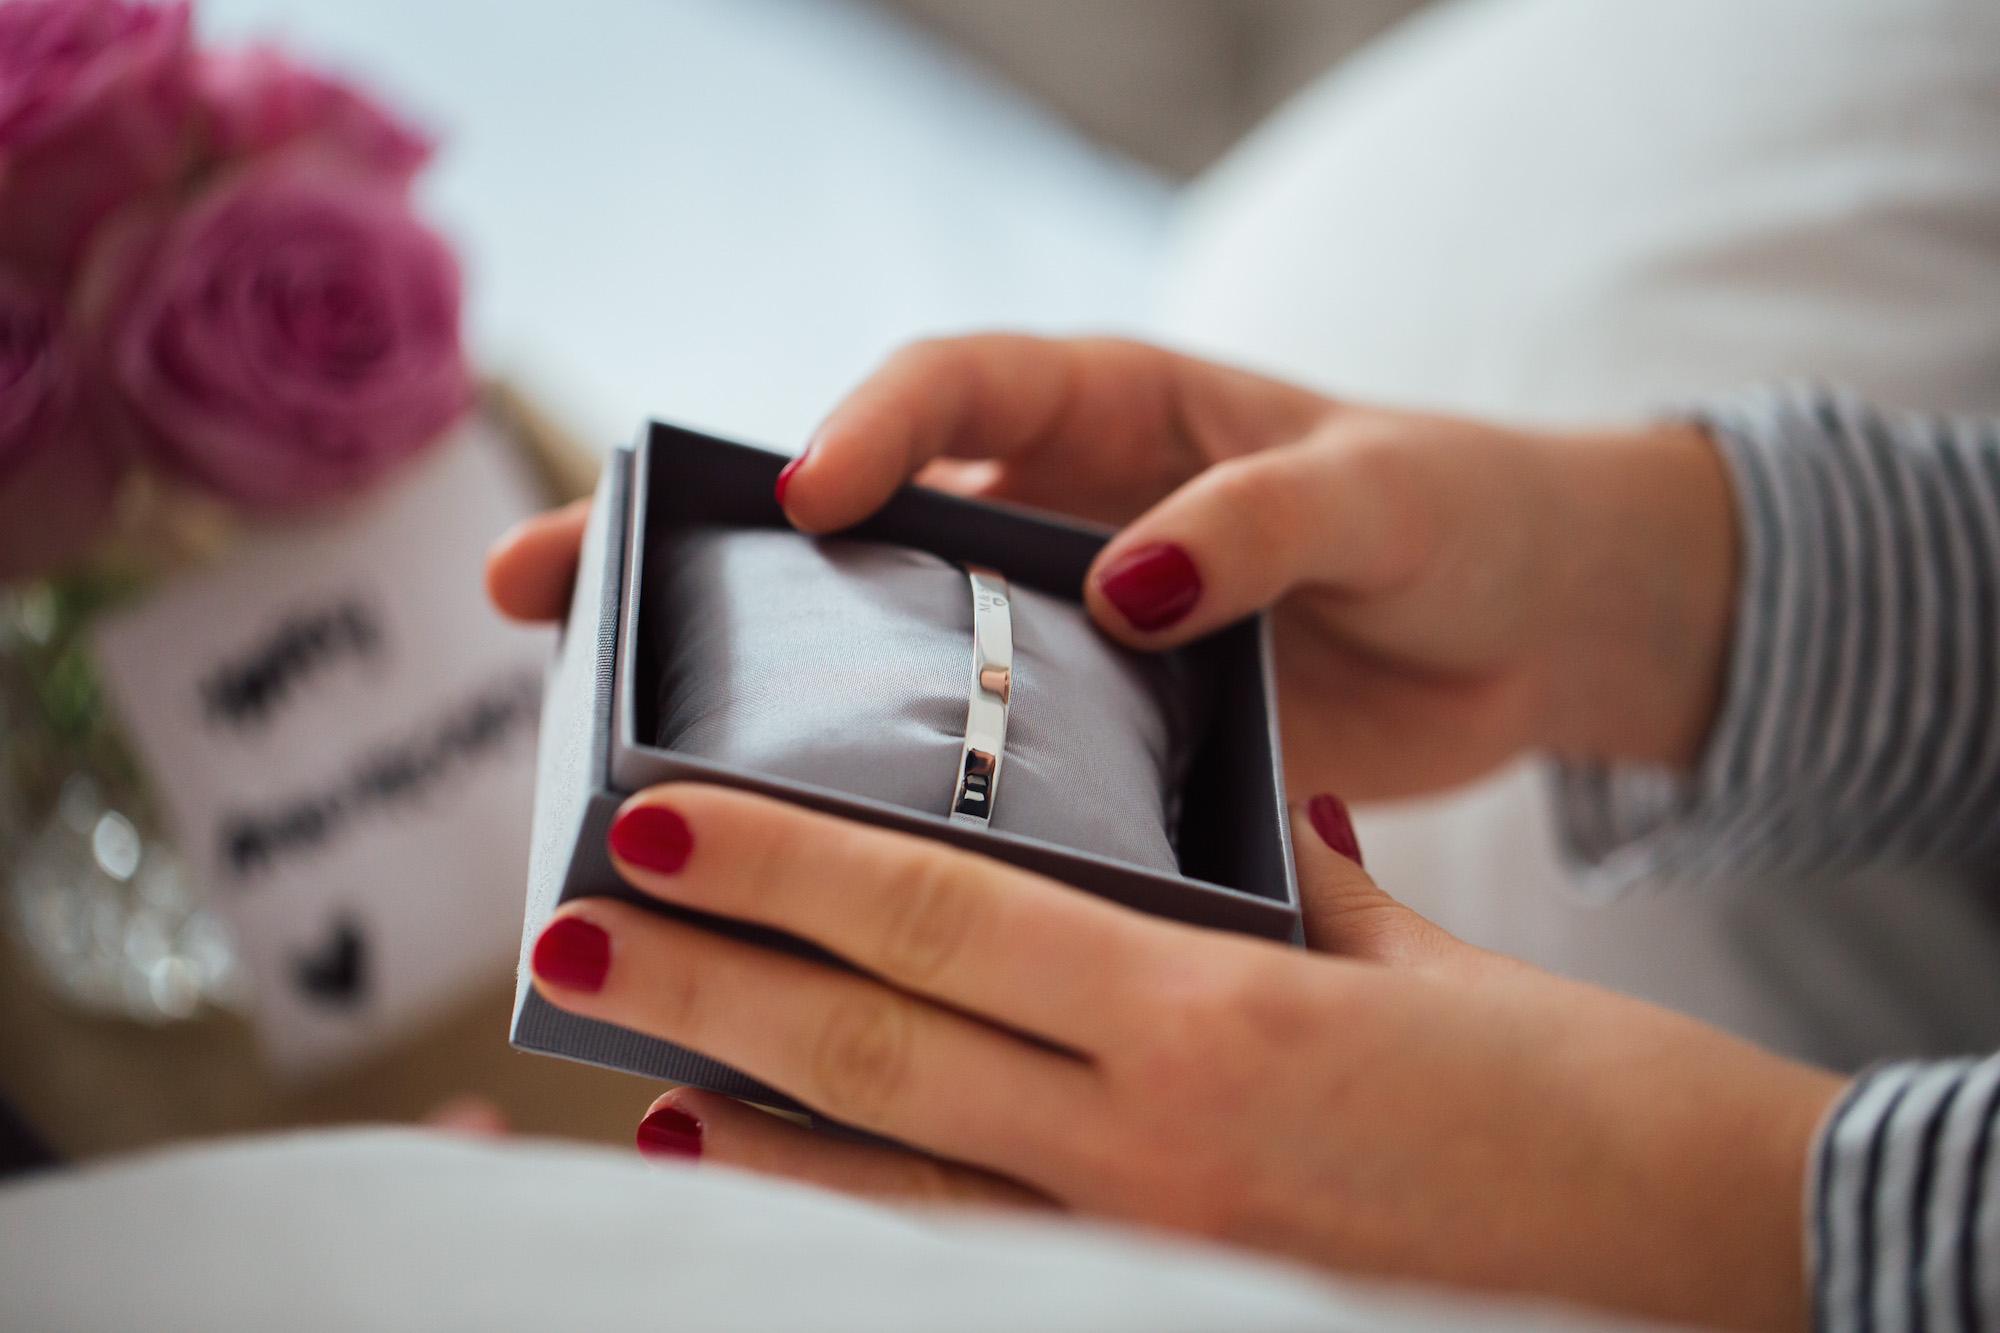 Anna Inspiring Jewellery_Design your Bangle_Weihnachtsgeschenk für die Partnerin_Meanwhile in Awesometown_Männerblogger_Maleblogger_Lifestyleblog_Fashionblog_Menswear Blogger7